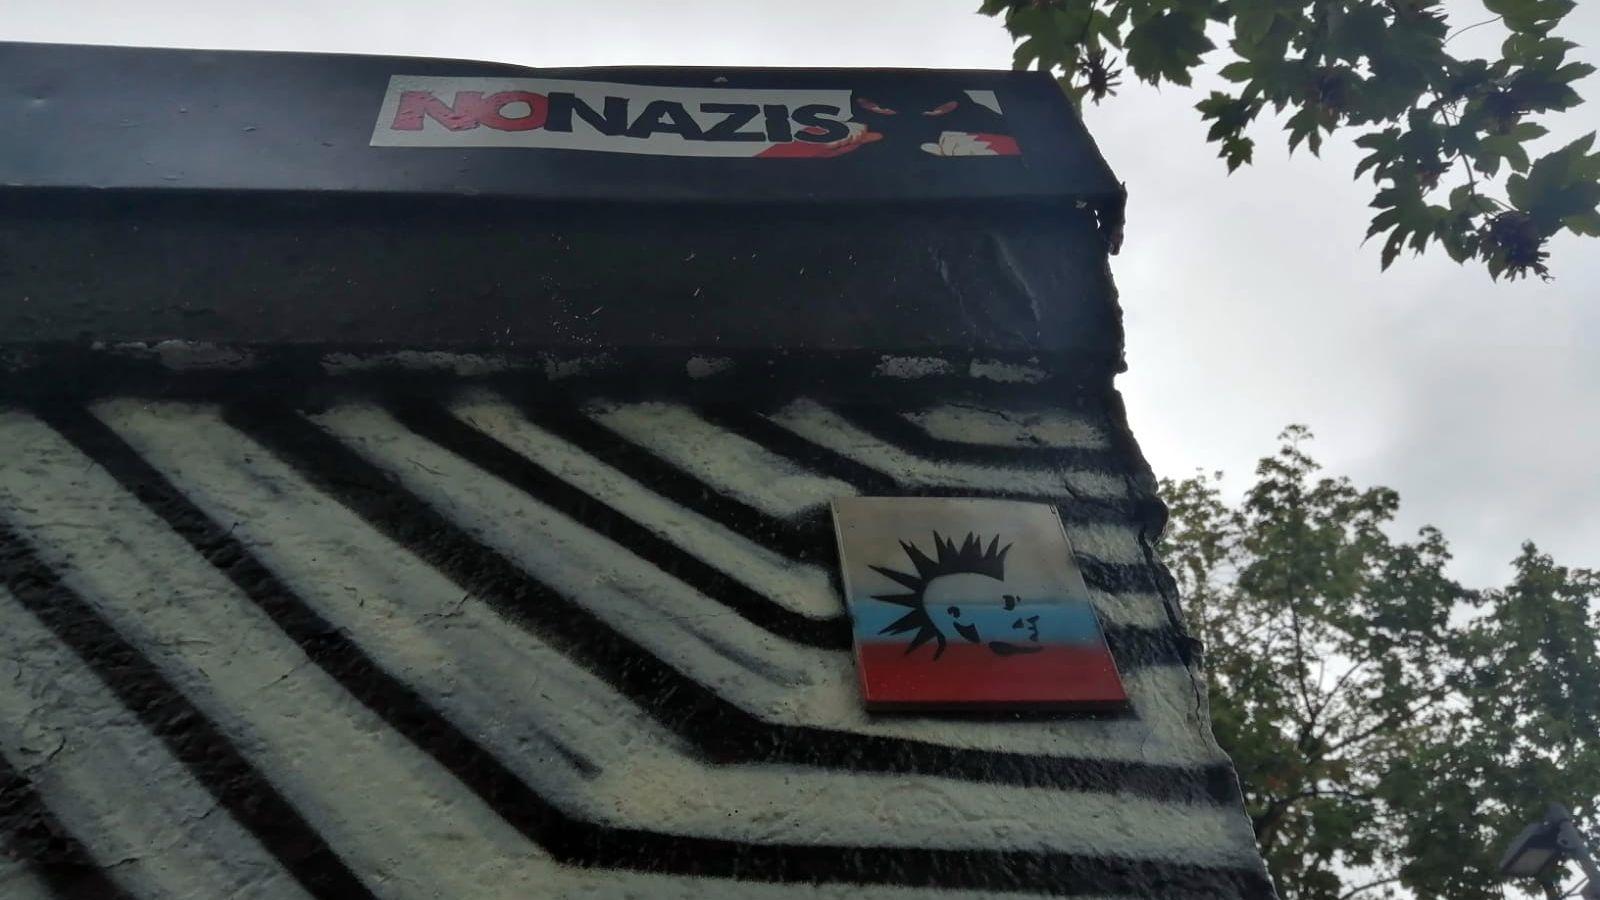 No Nazis - but Punks not dead